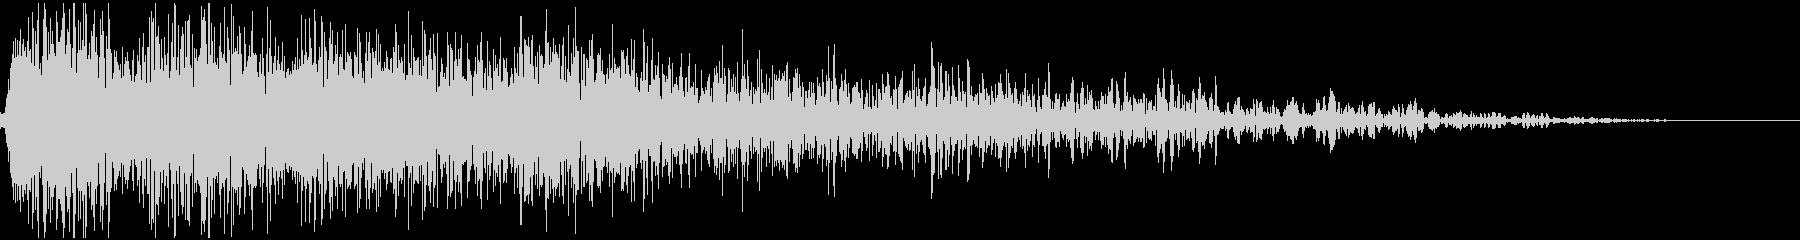 ロボット足音 タイプ7の未再生の波形